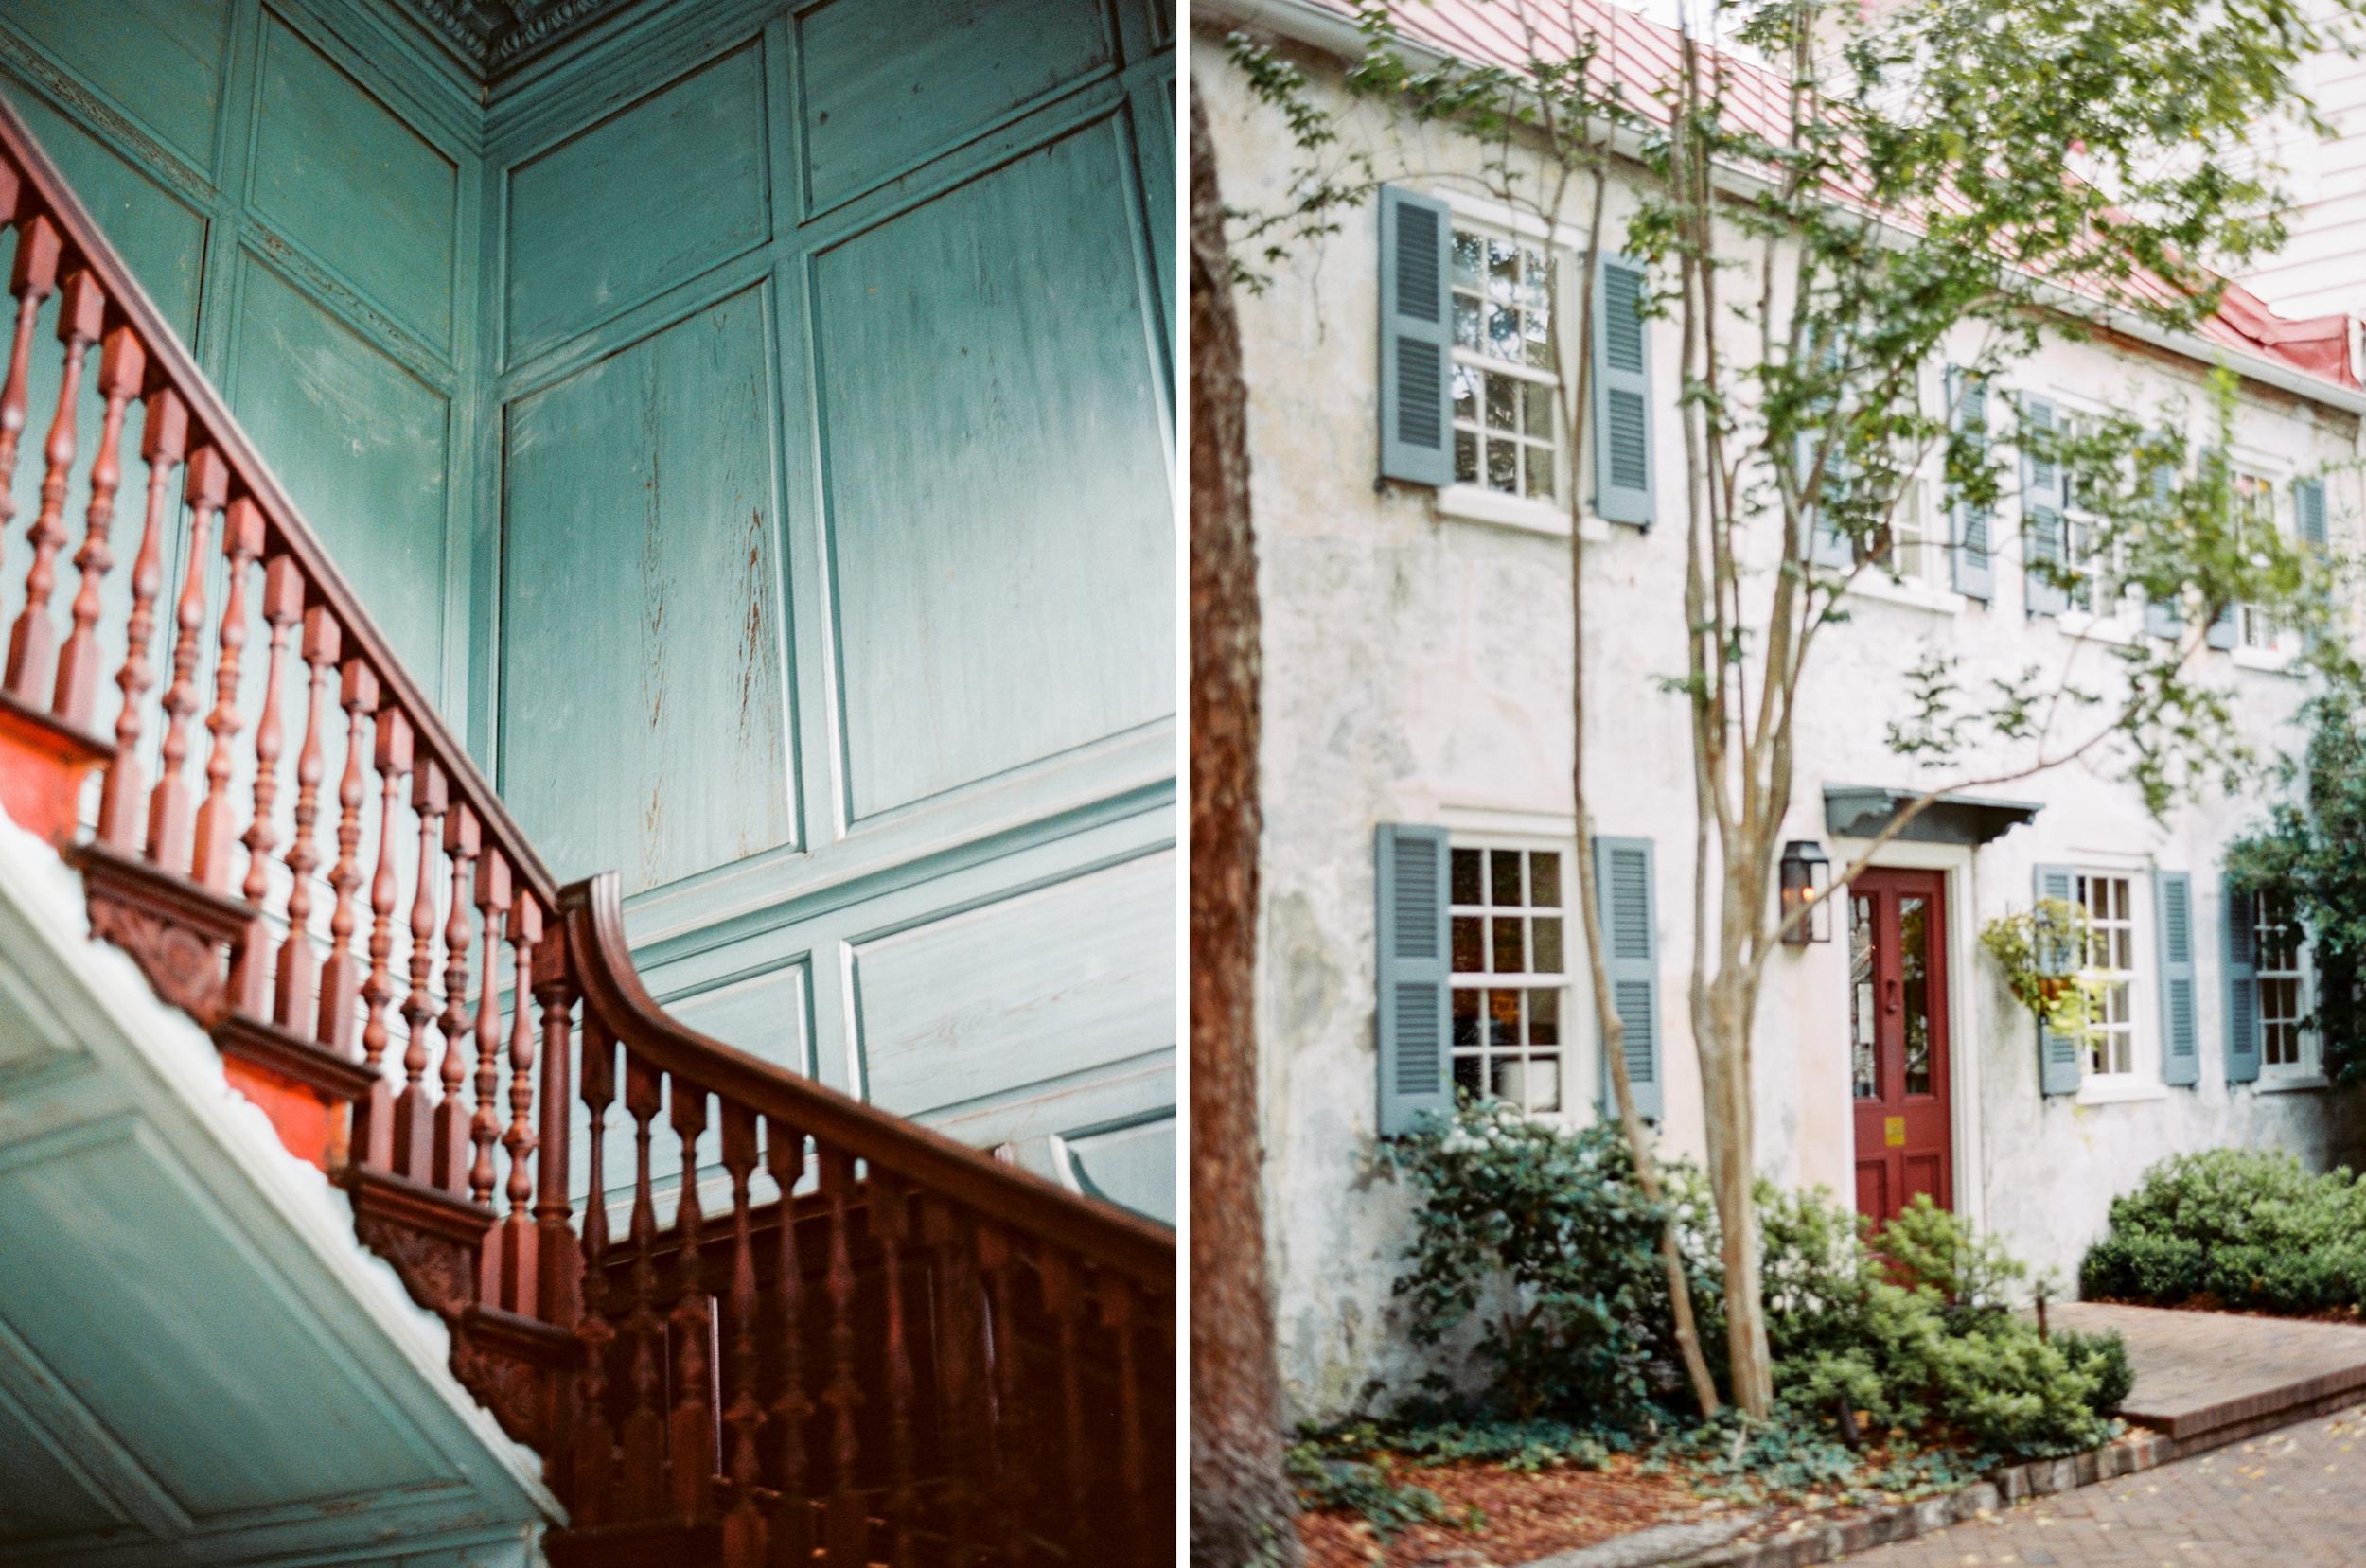 CharlestonCity4.jpg